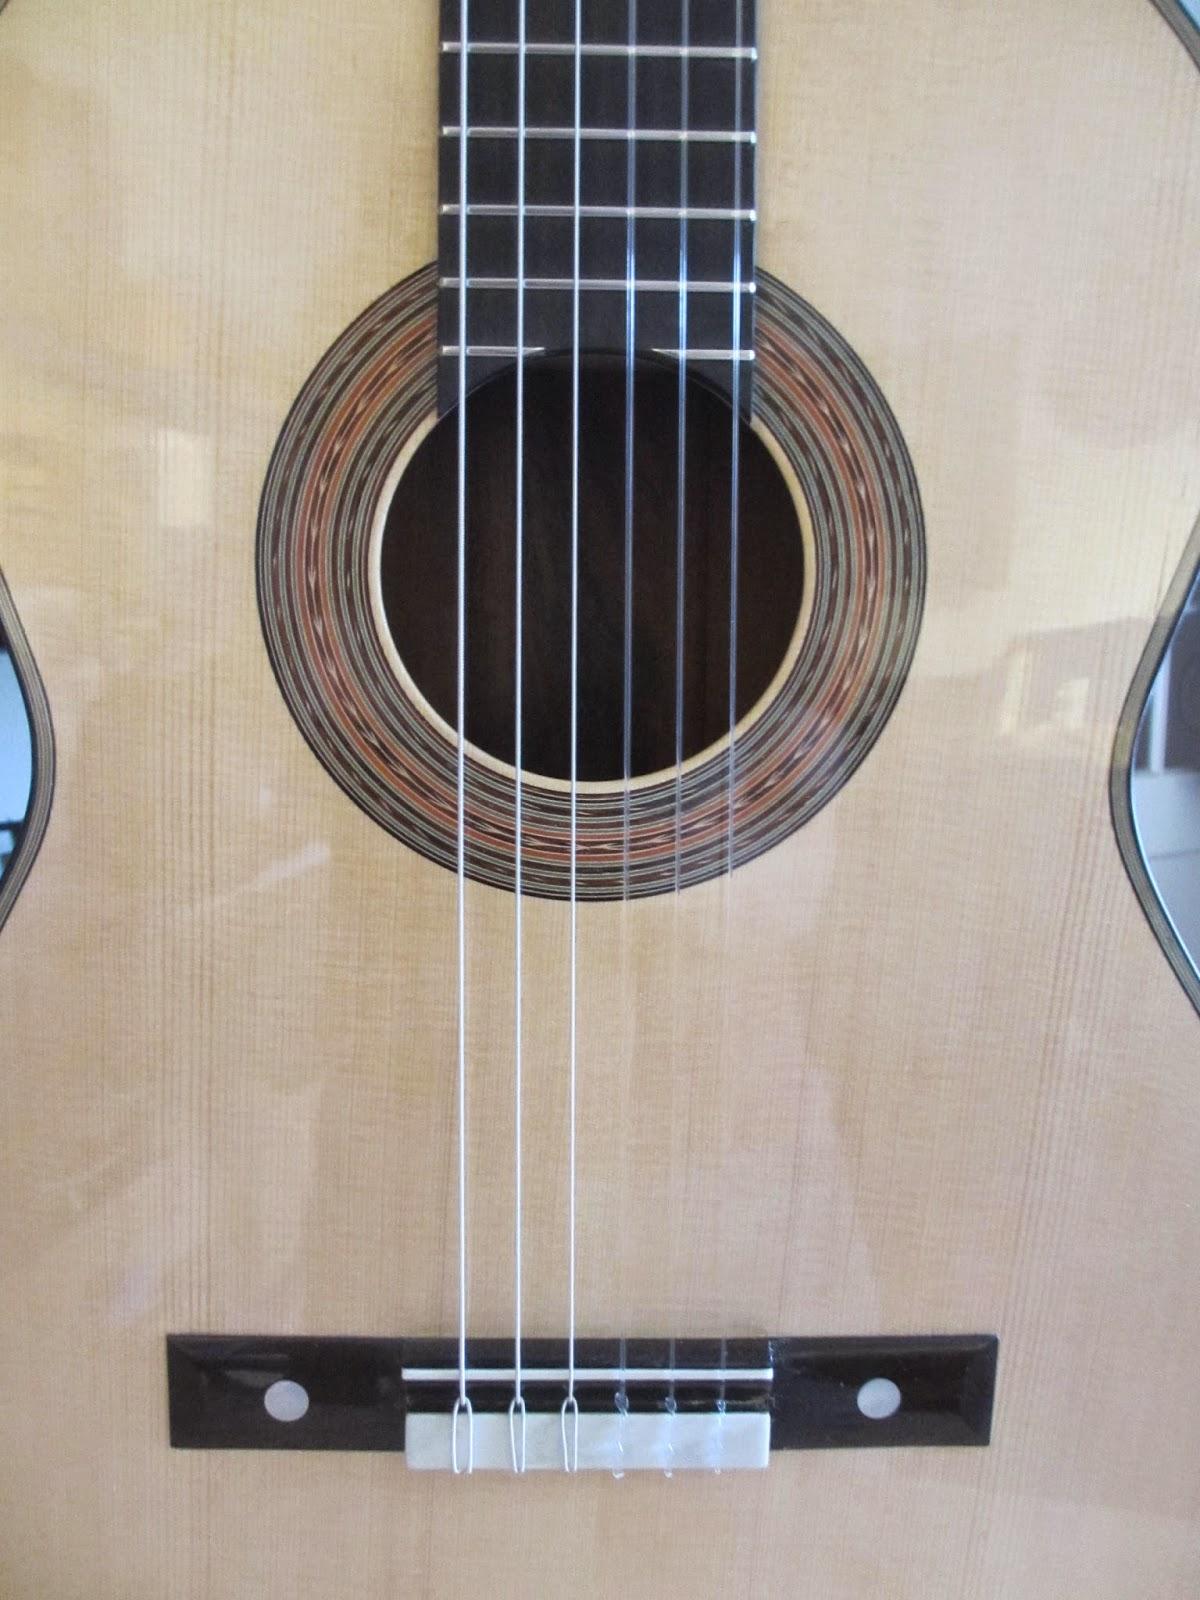 david whiteman guitar maker 1888 torres se122 copy new guitars part i. Black Bedroom Furniture Sets. Home Design Ideas